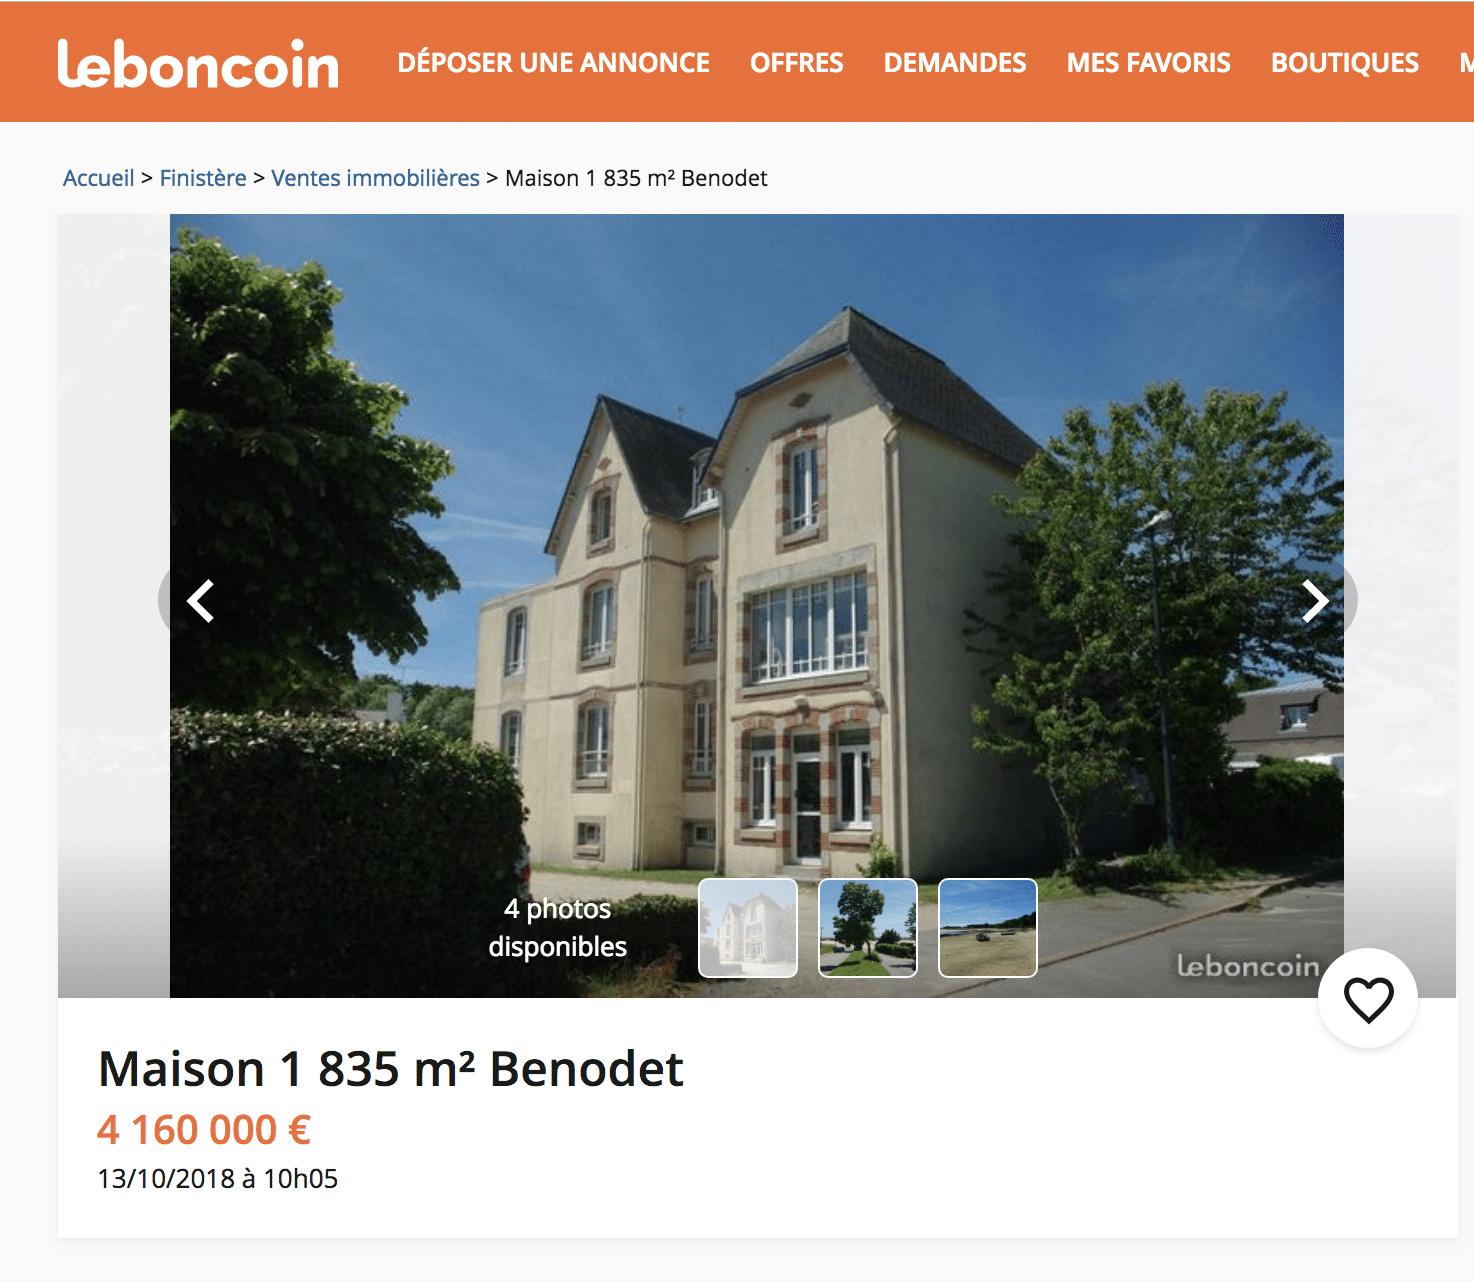 Immobilier En Bretagne Les 5 Proprietes Les Plus Cheres Sur Le Bon